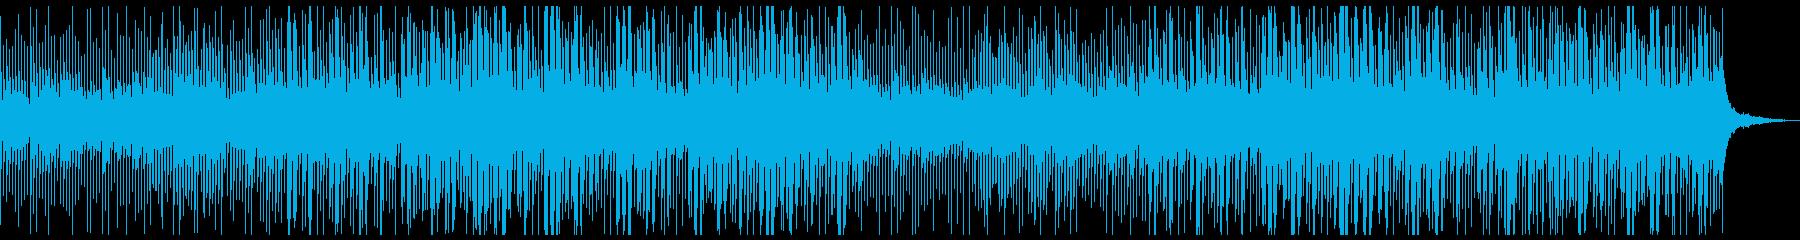 サスペンス、ホラー推理シーンの再生済みの波形